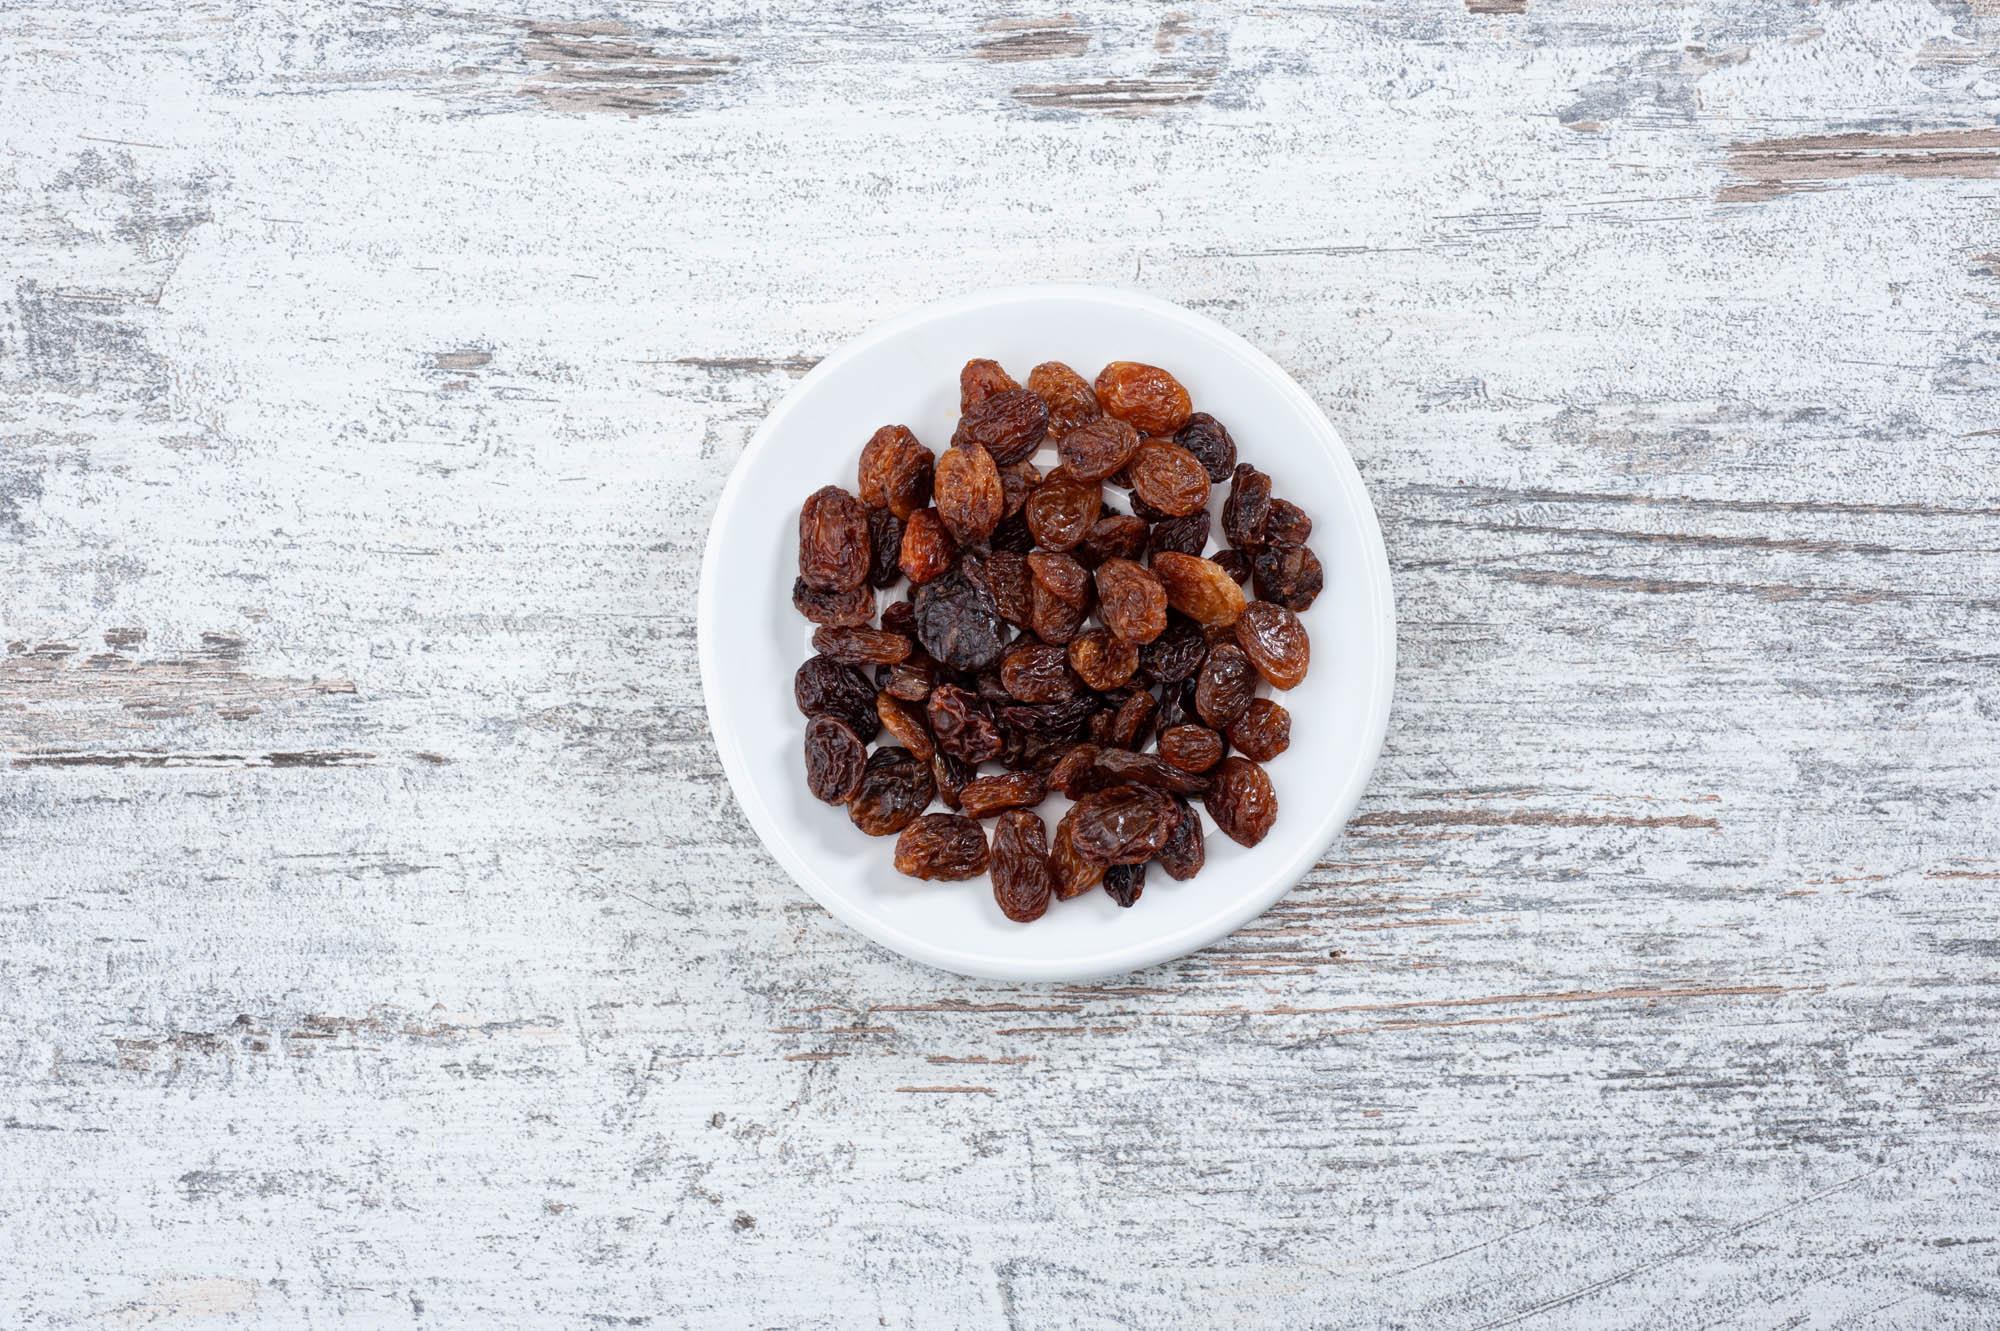 Sultanas, dried fruit